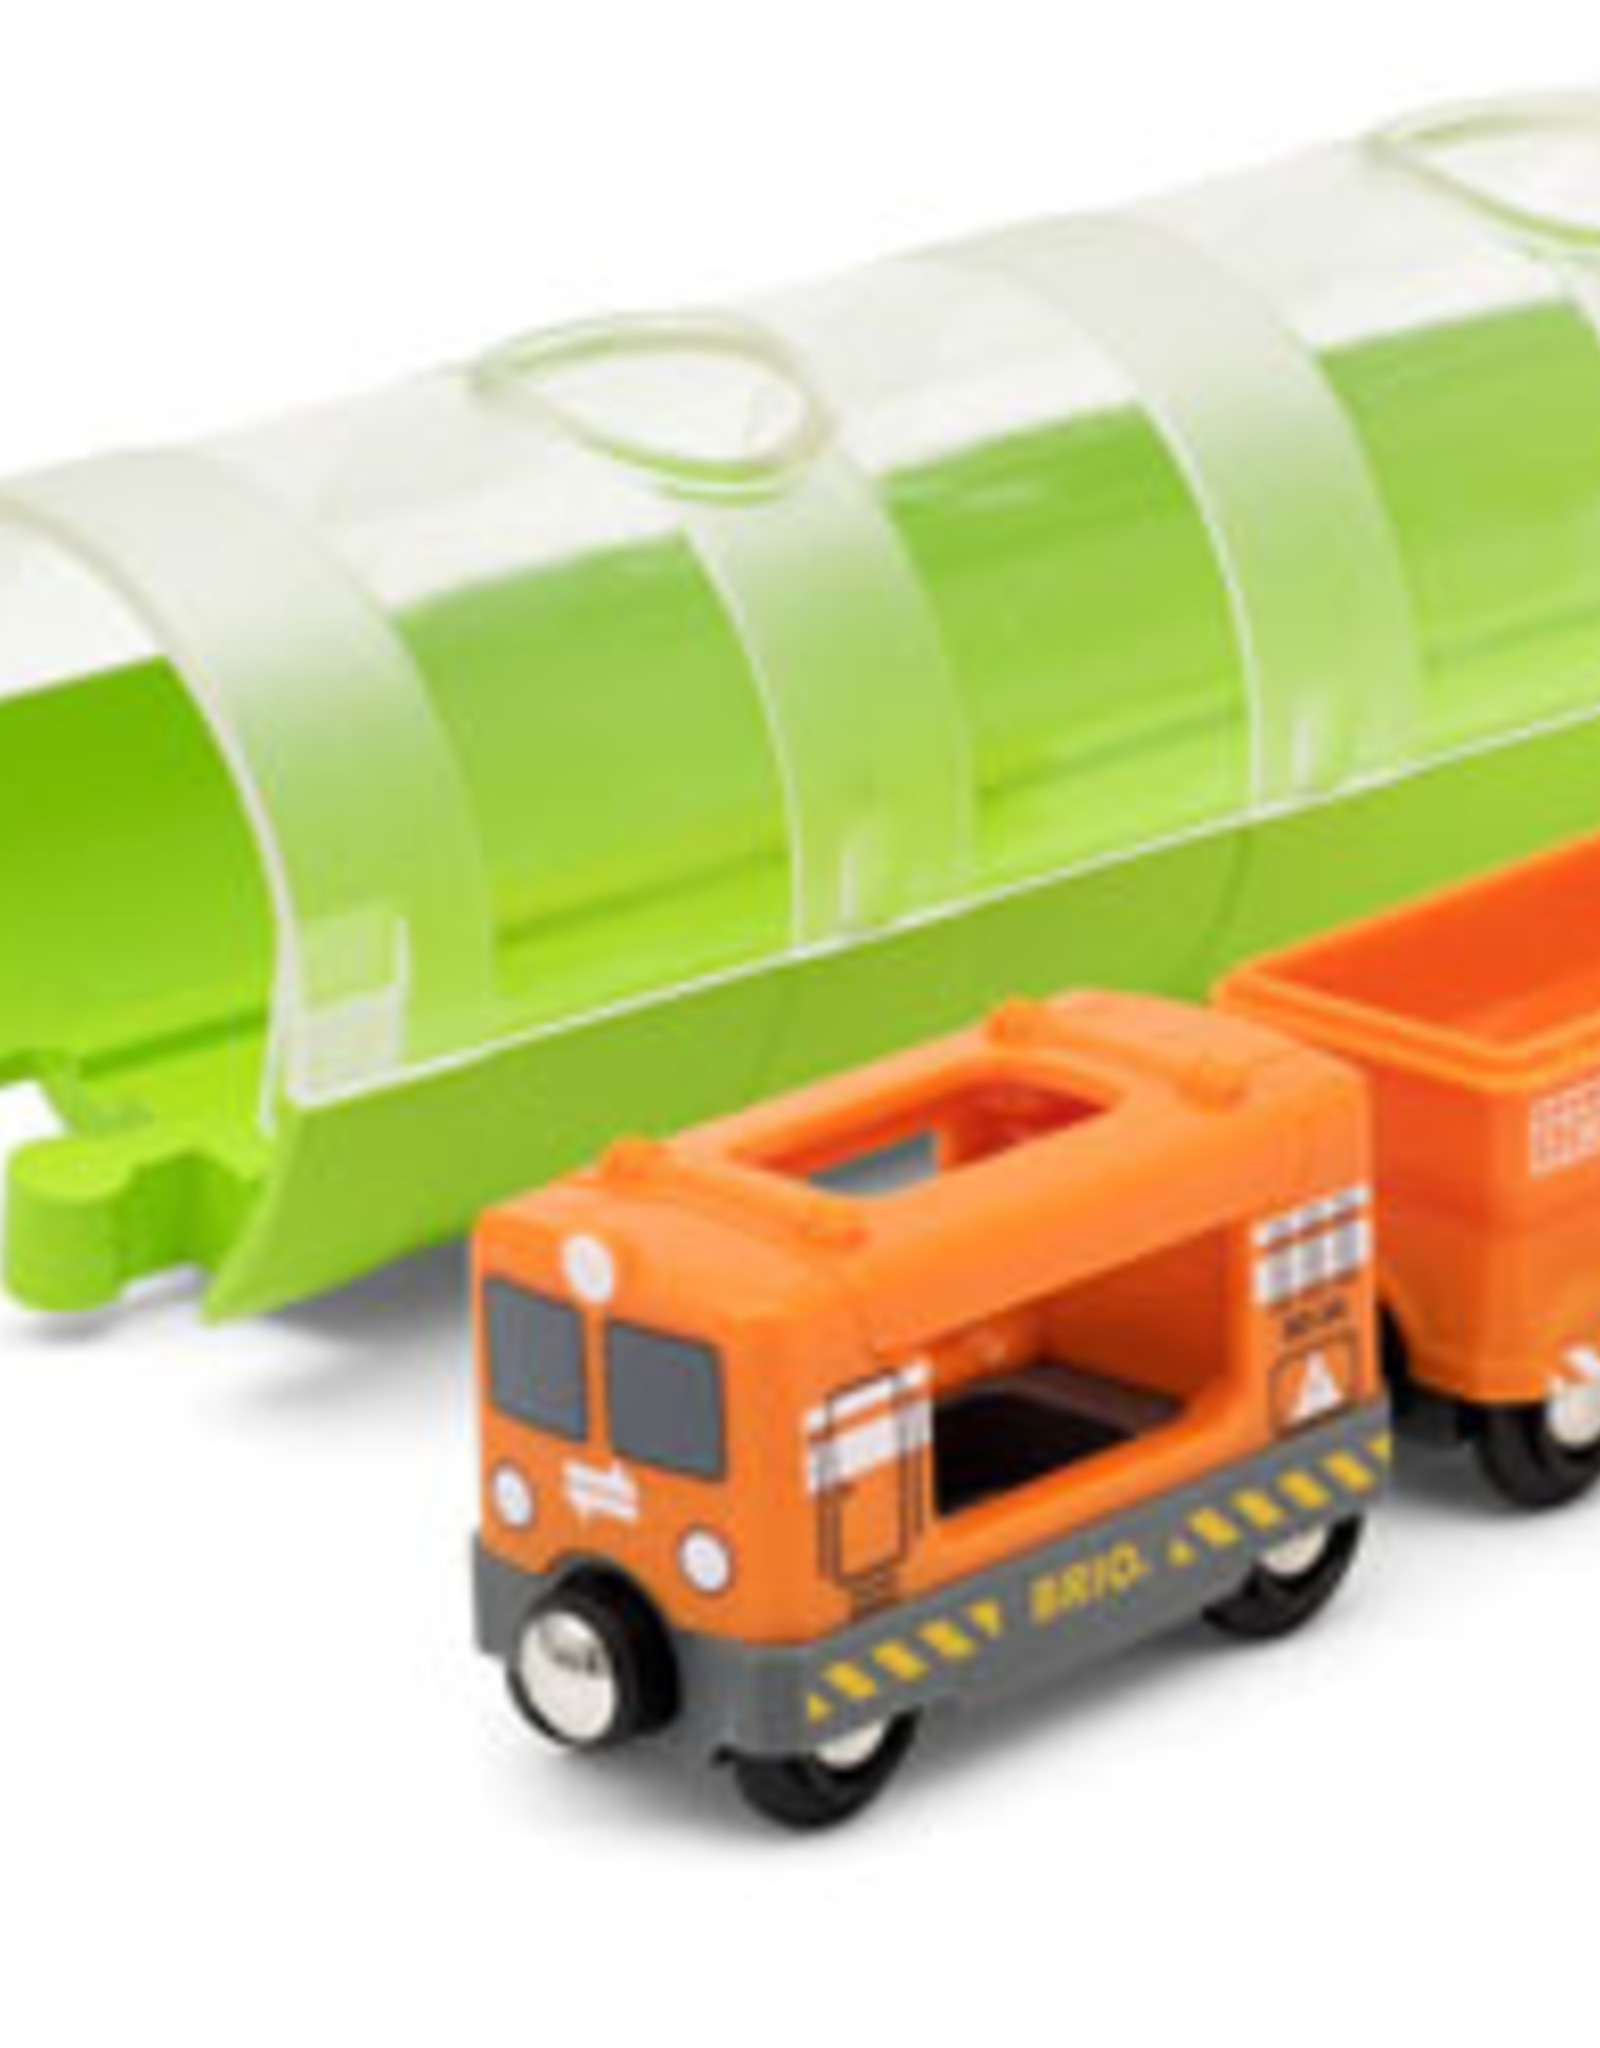 Brio Brio - Cargo Train & Tunnel